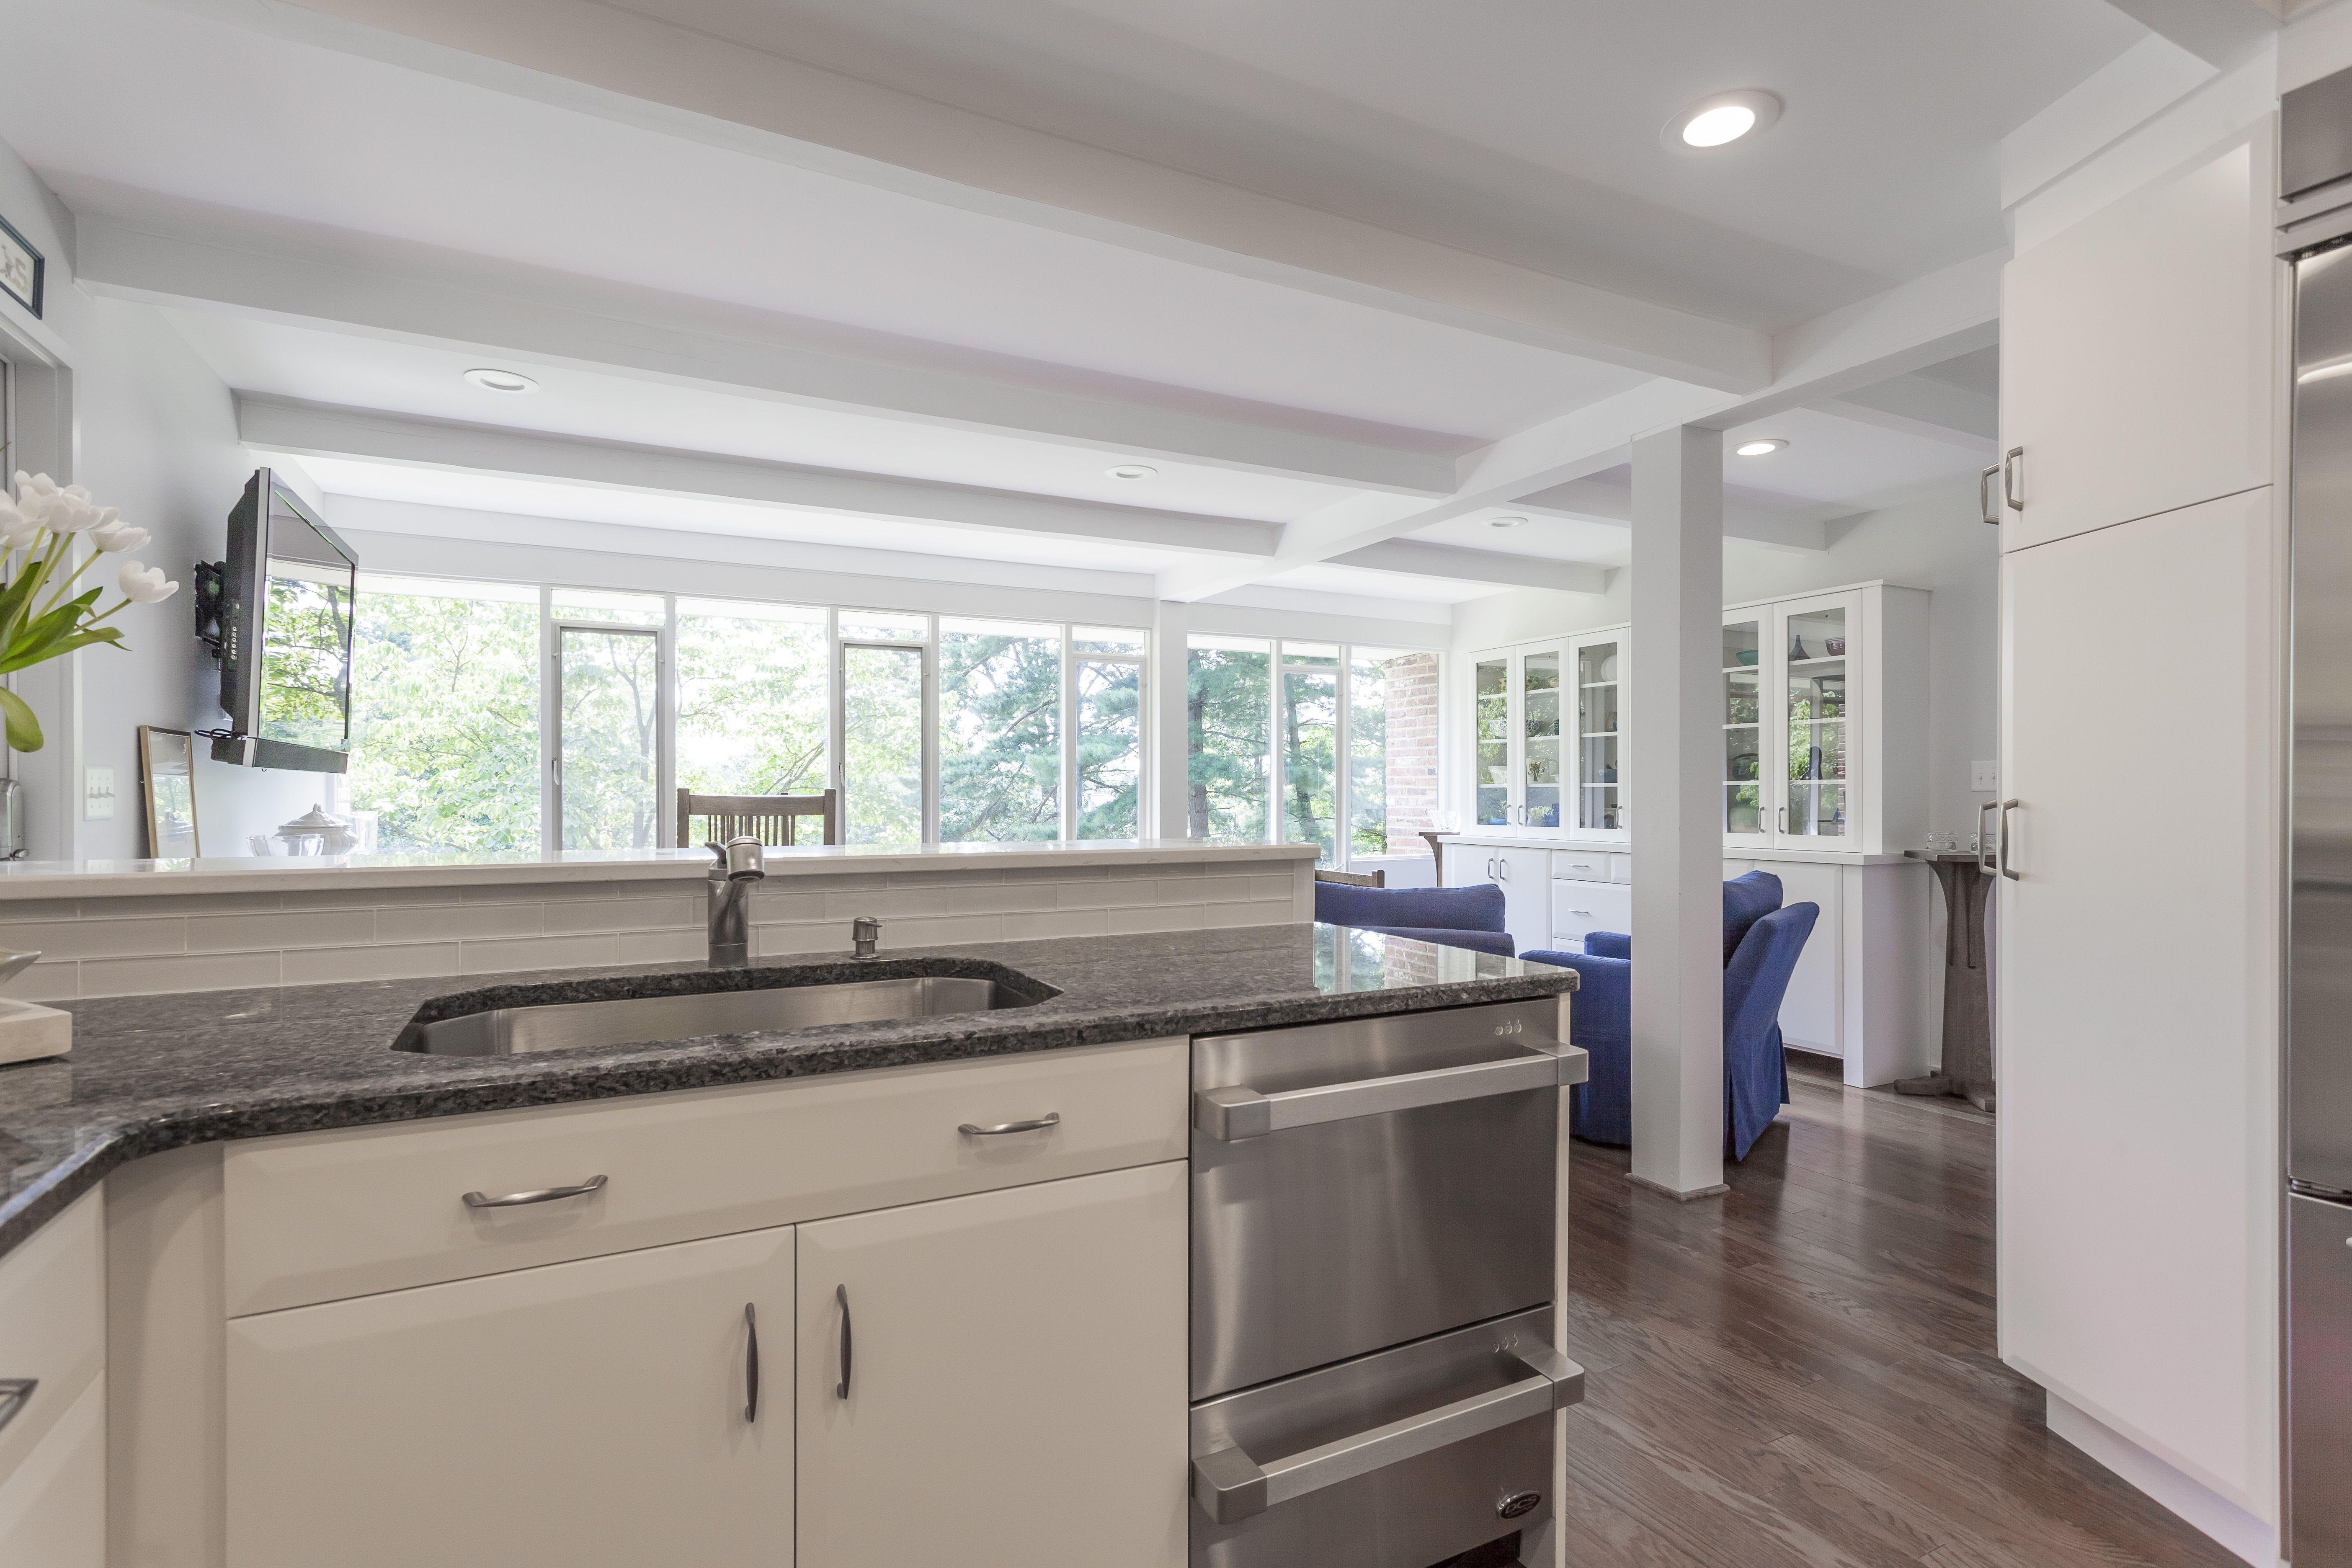 Elmwood white modern kitchen, small kitchen